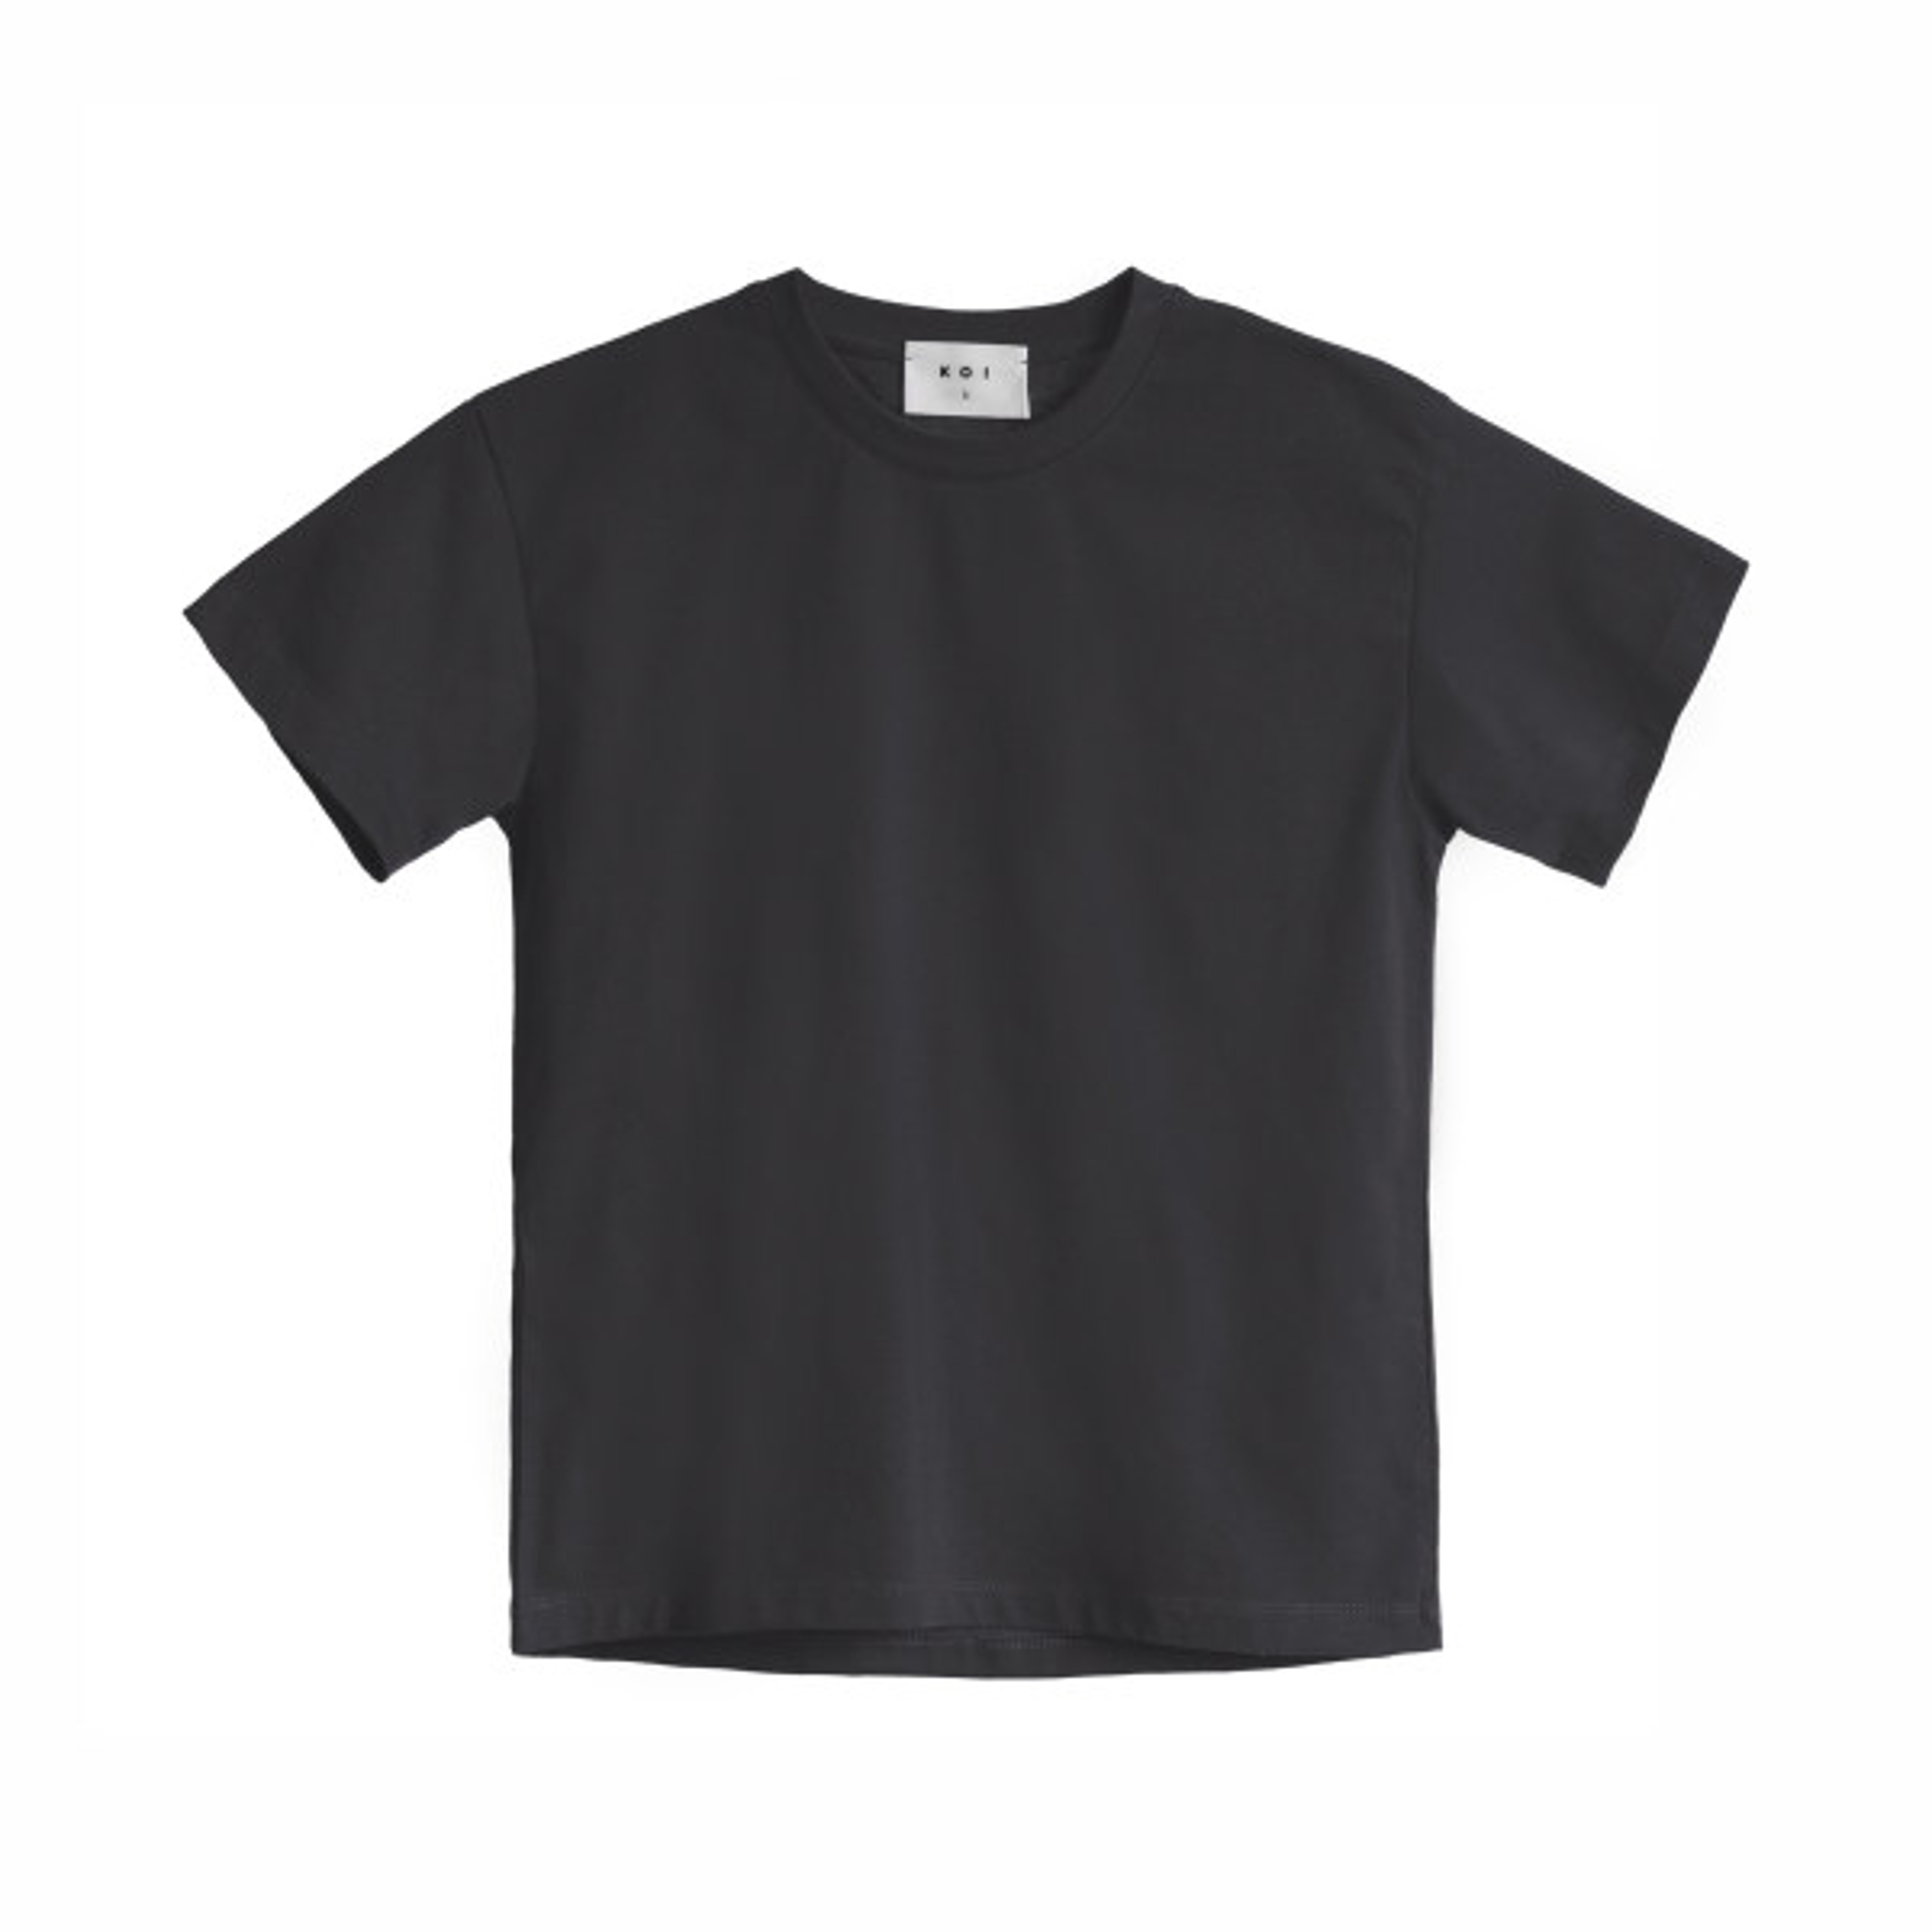 تی شرت آستین کوتاه زنانه کوی مدل هی گرل رنگ زغالی